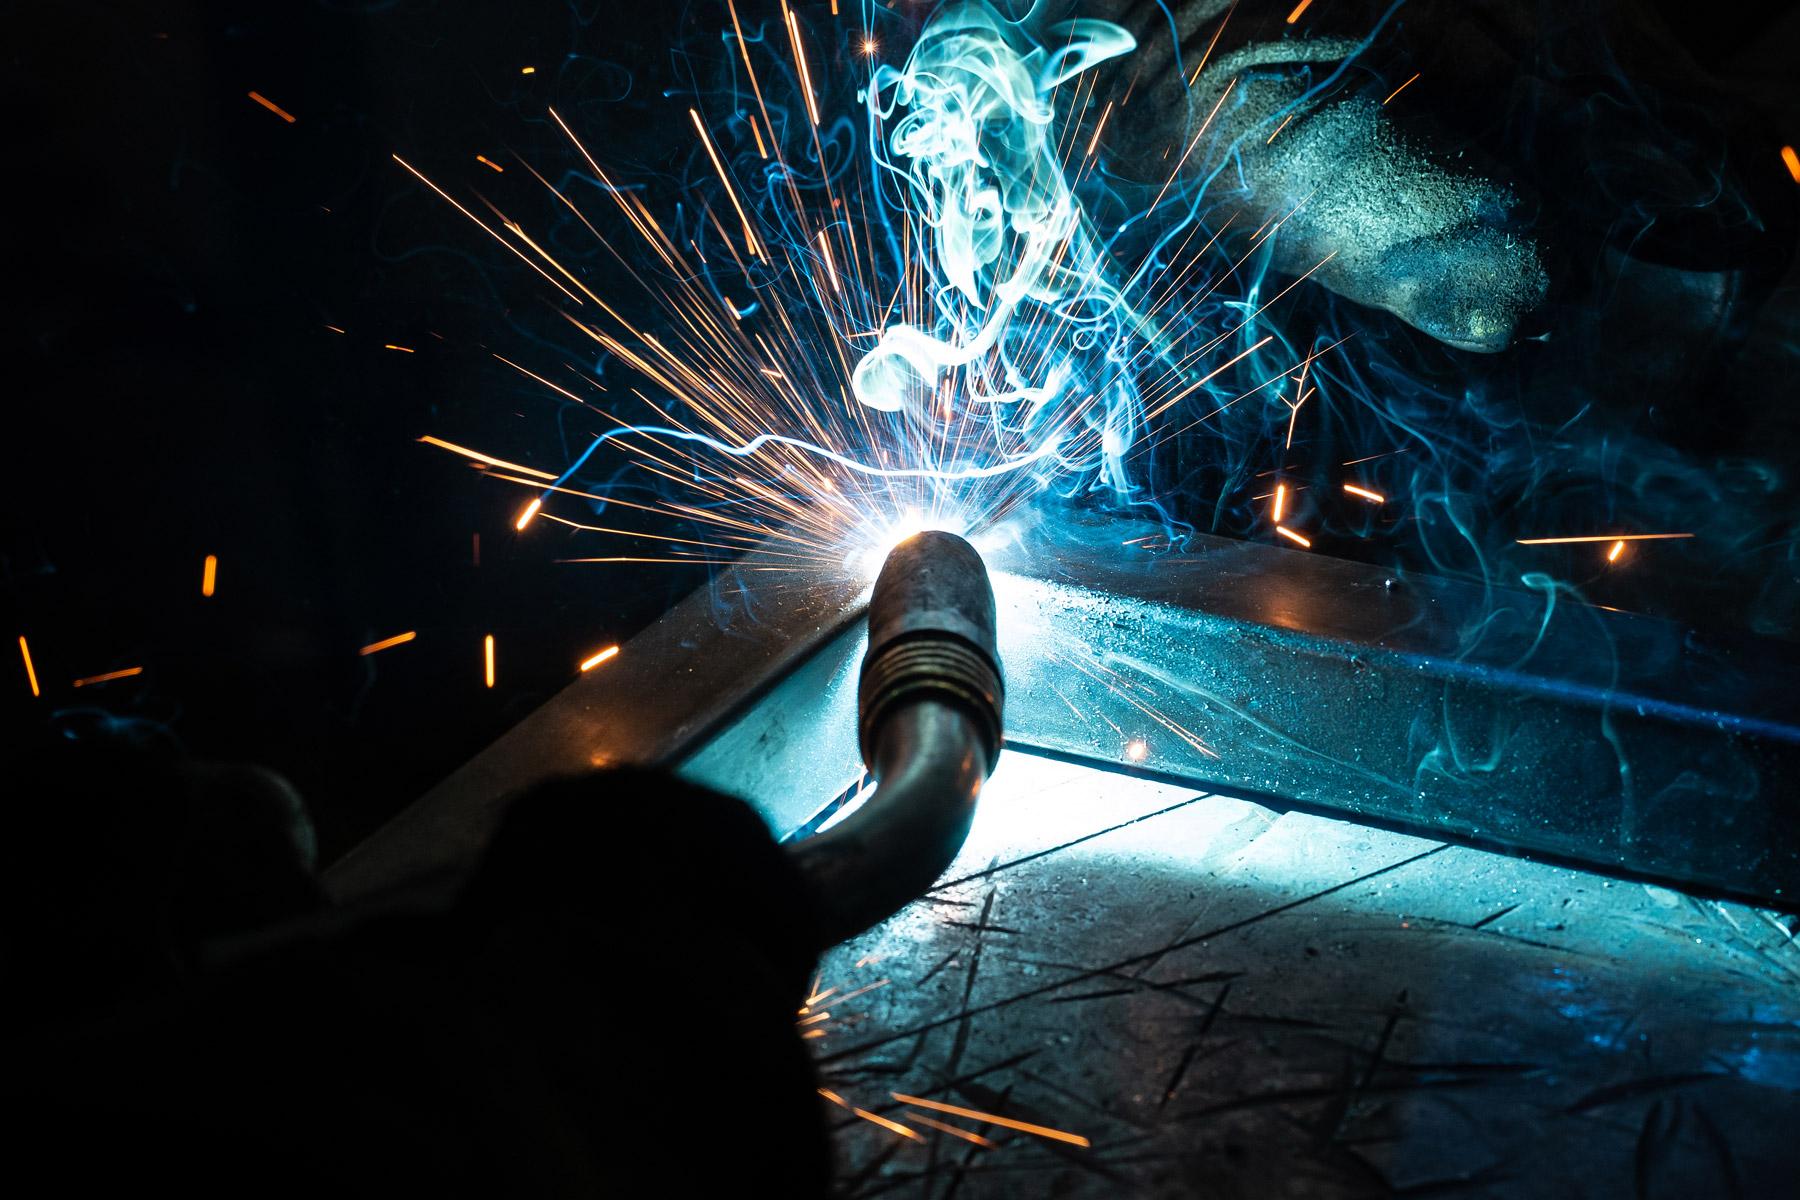 Toltec Secure - tôlerie industrielle au service de la sécurité - PORTES, PAROIS ET CHÂSSIS SÉCURISÉS, MOBILIER SÉCURISÉ, ÉQUIPEMENTS BIJOUTERIE, ESPACES SÉCURISÉS, NUMERIQUE